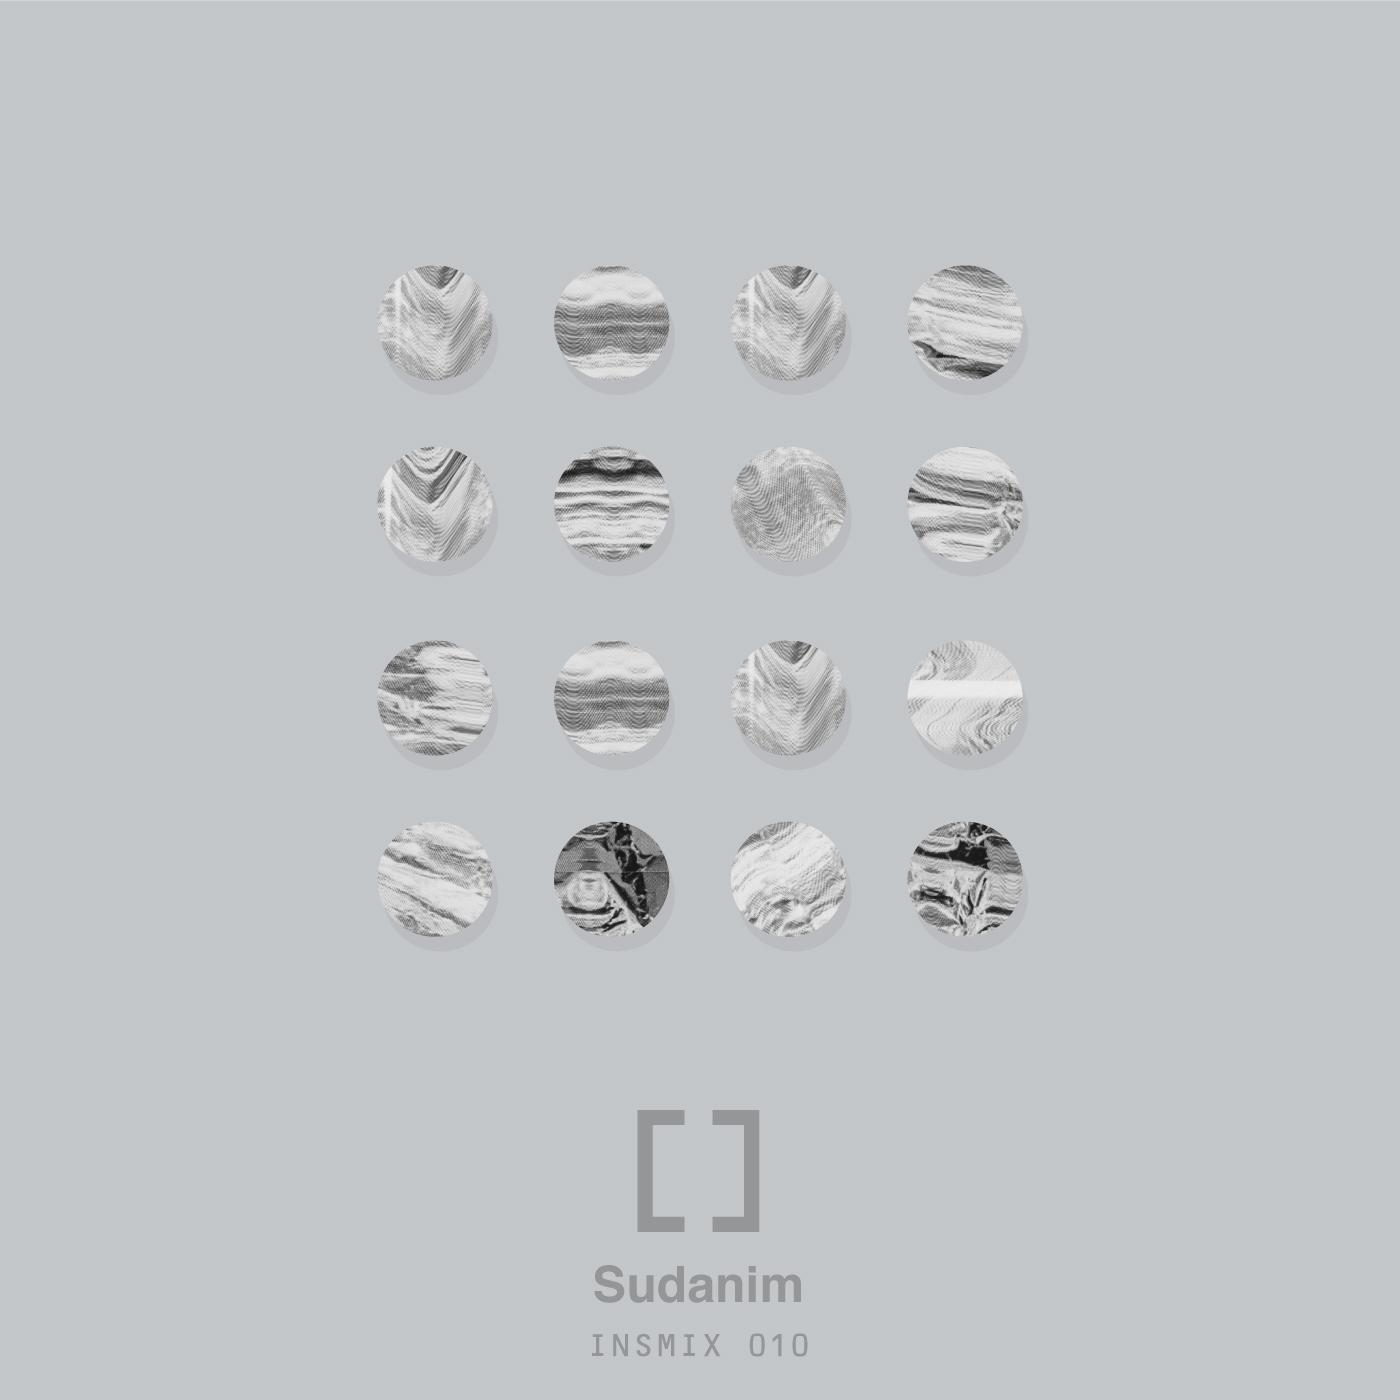 sudanim